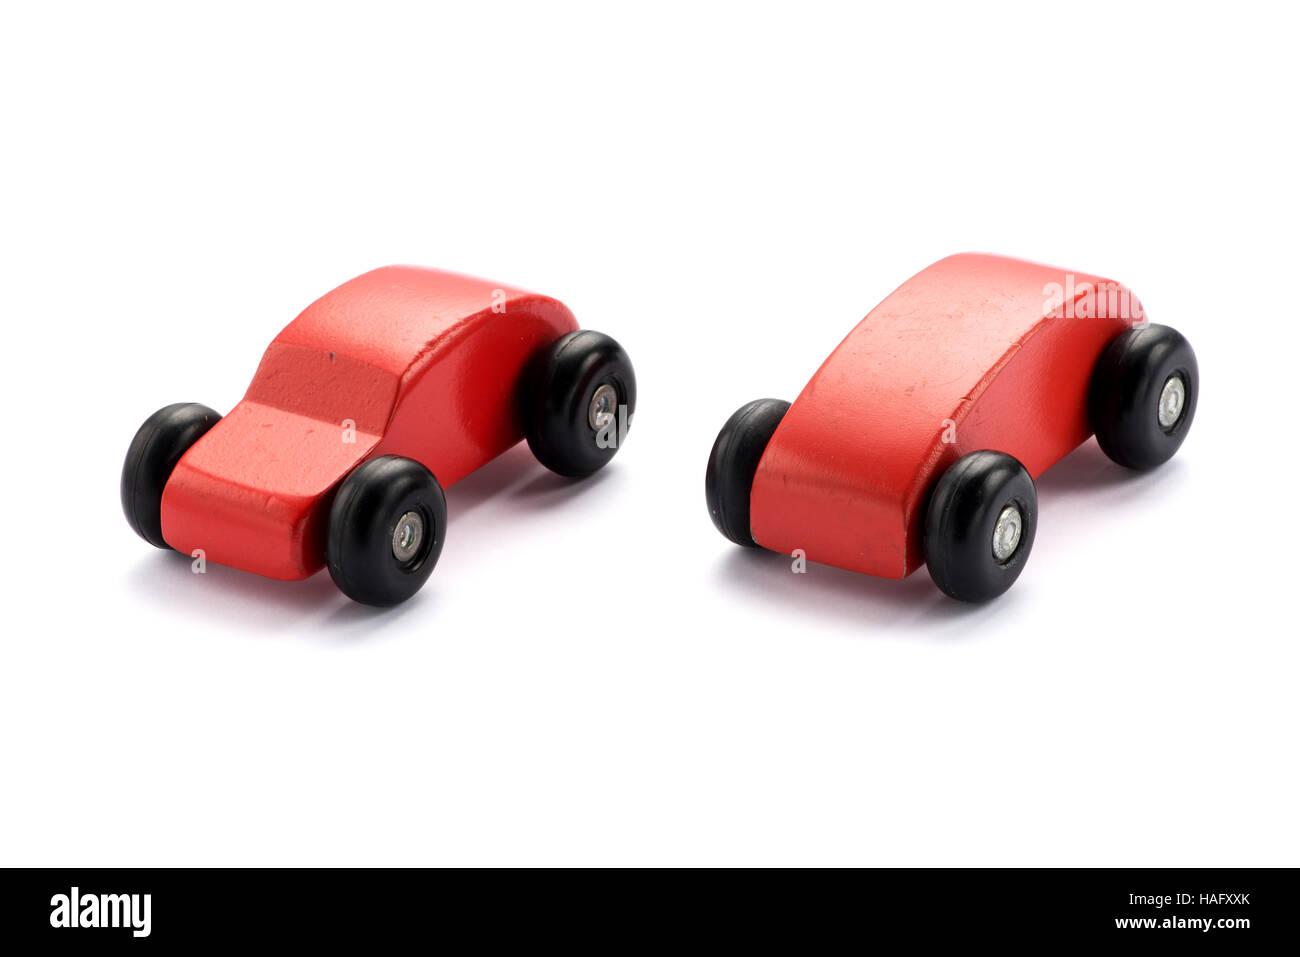 Deux voitures jouet en bois stylisés pour les enfants Photo Stock